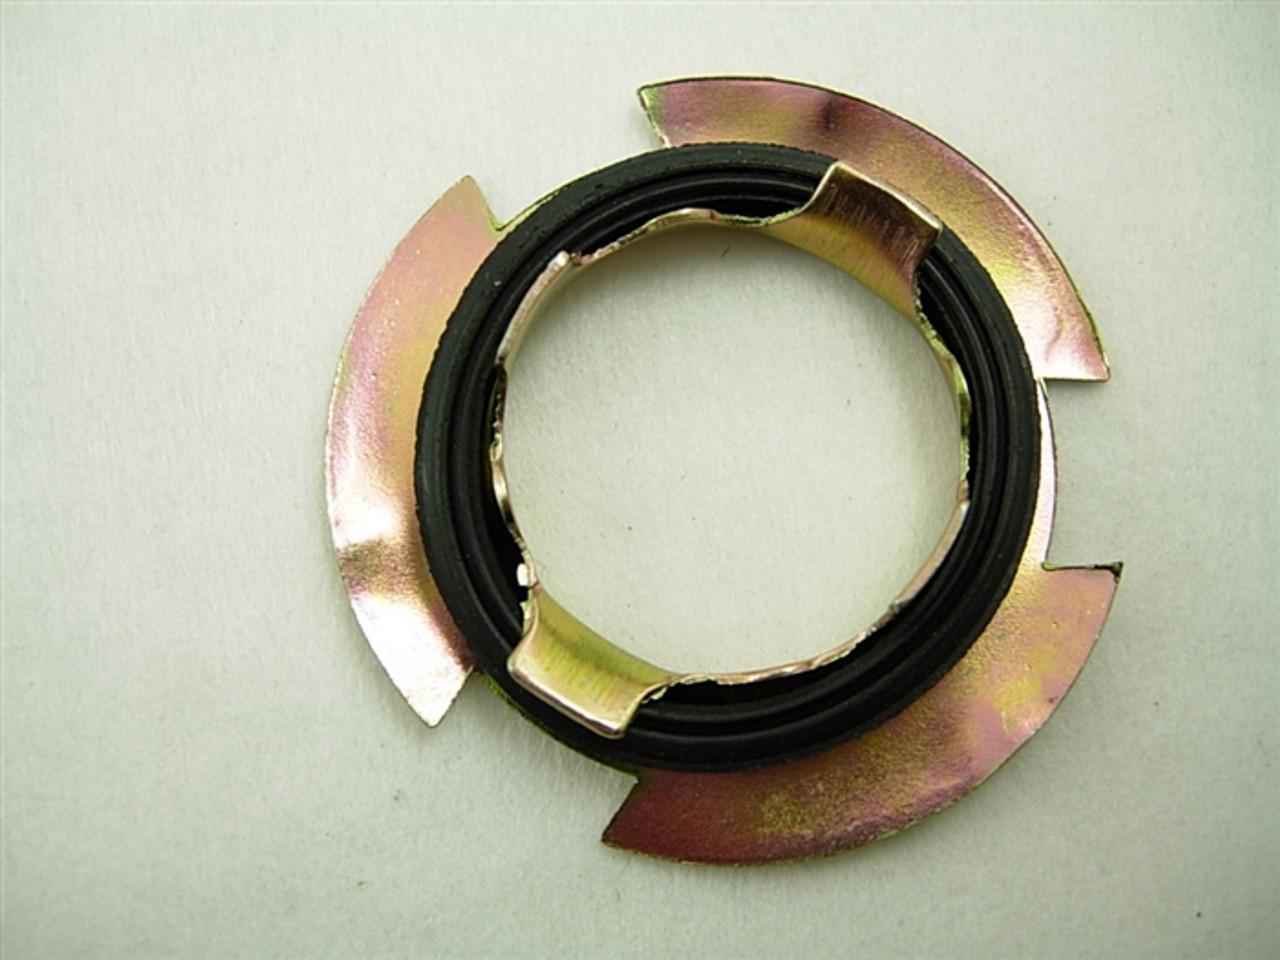 fuel sensor cover 12562-a143-6